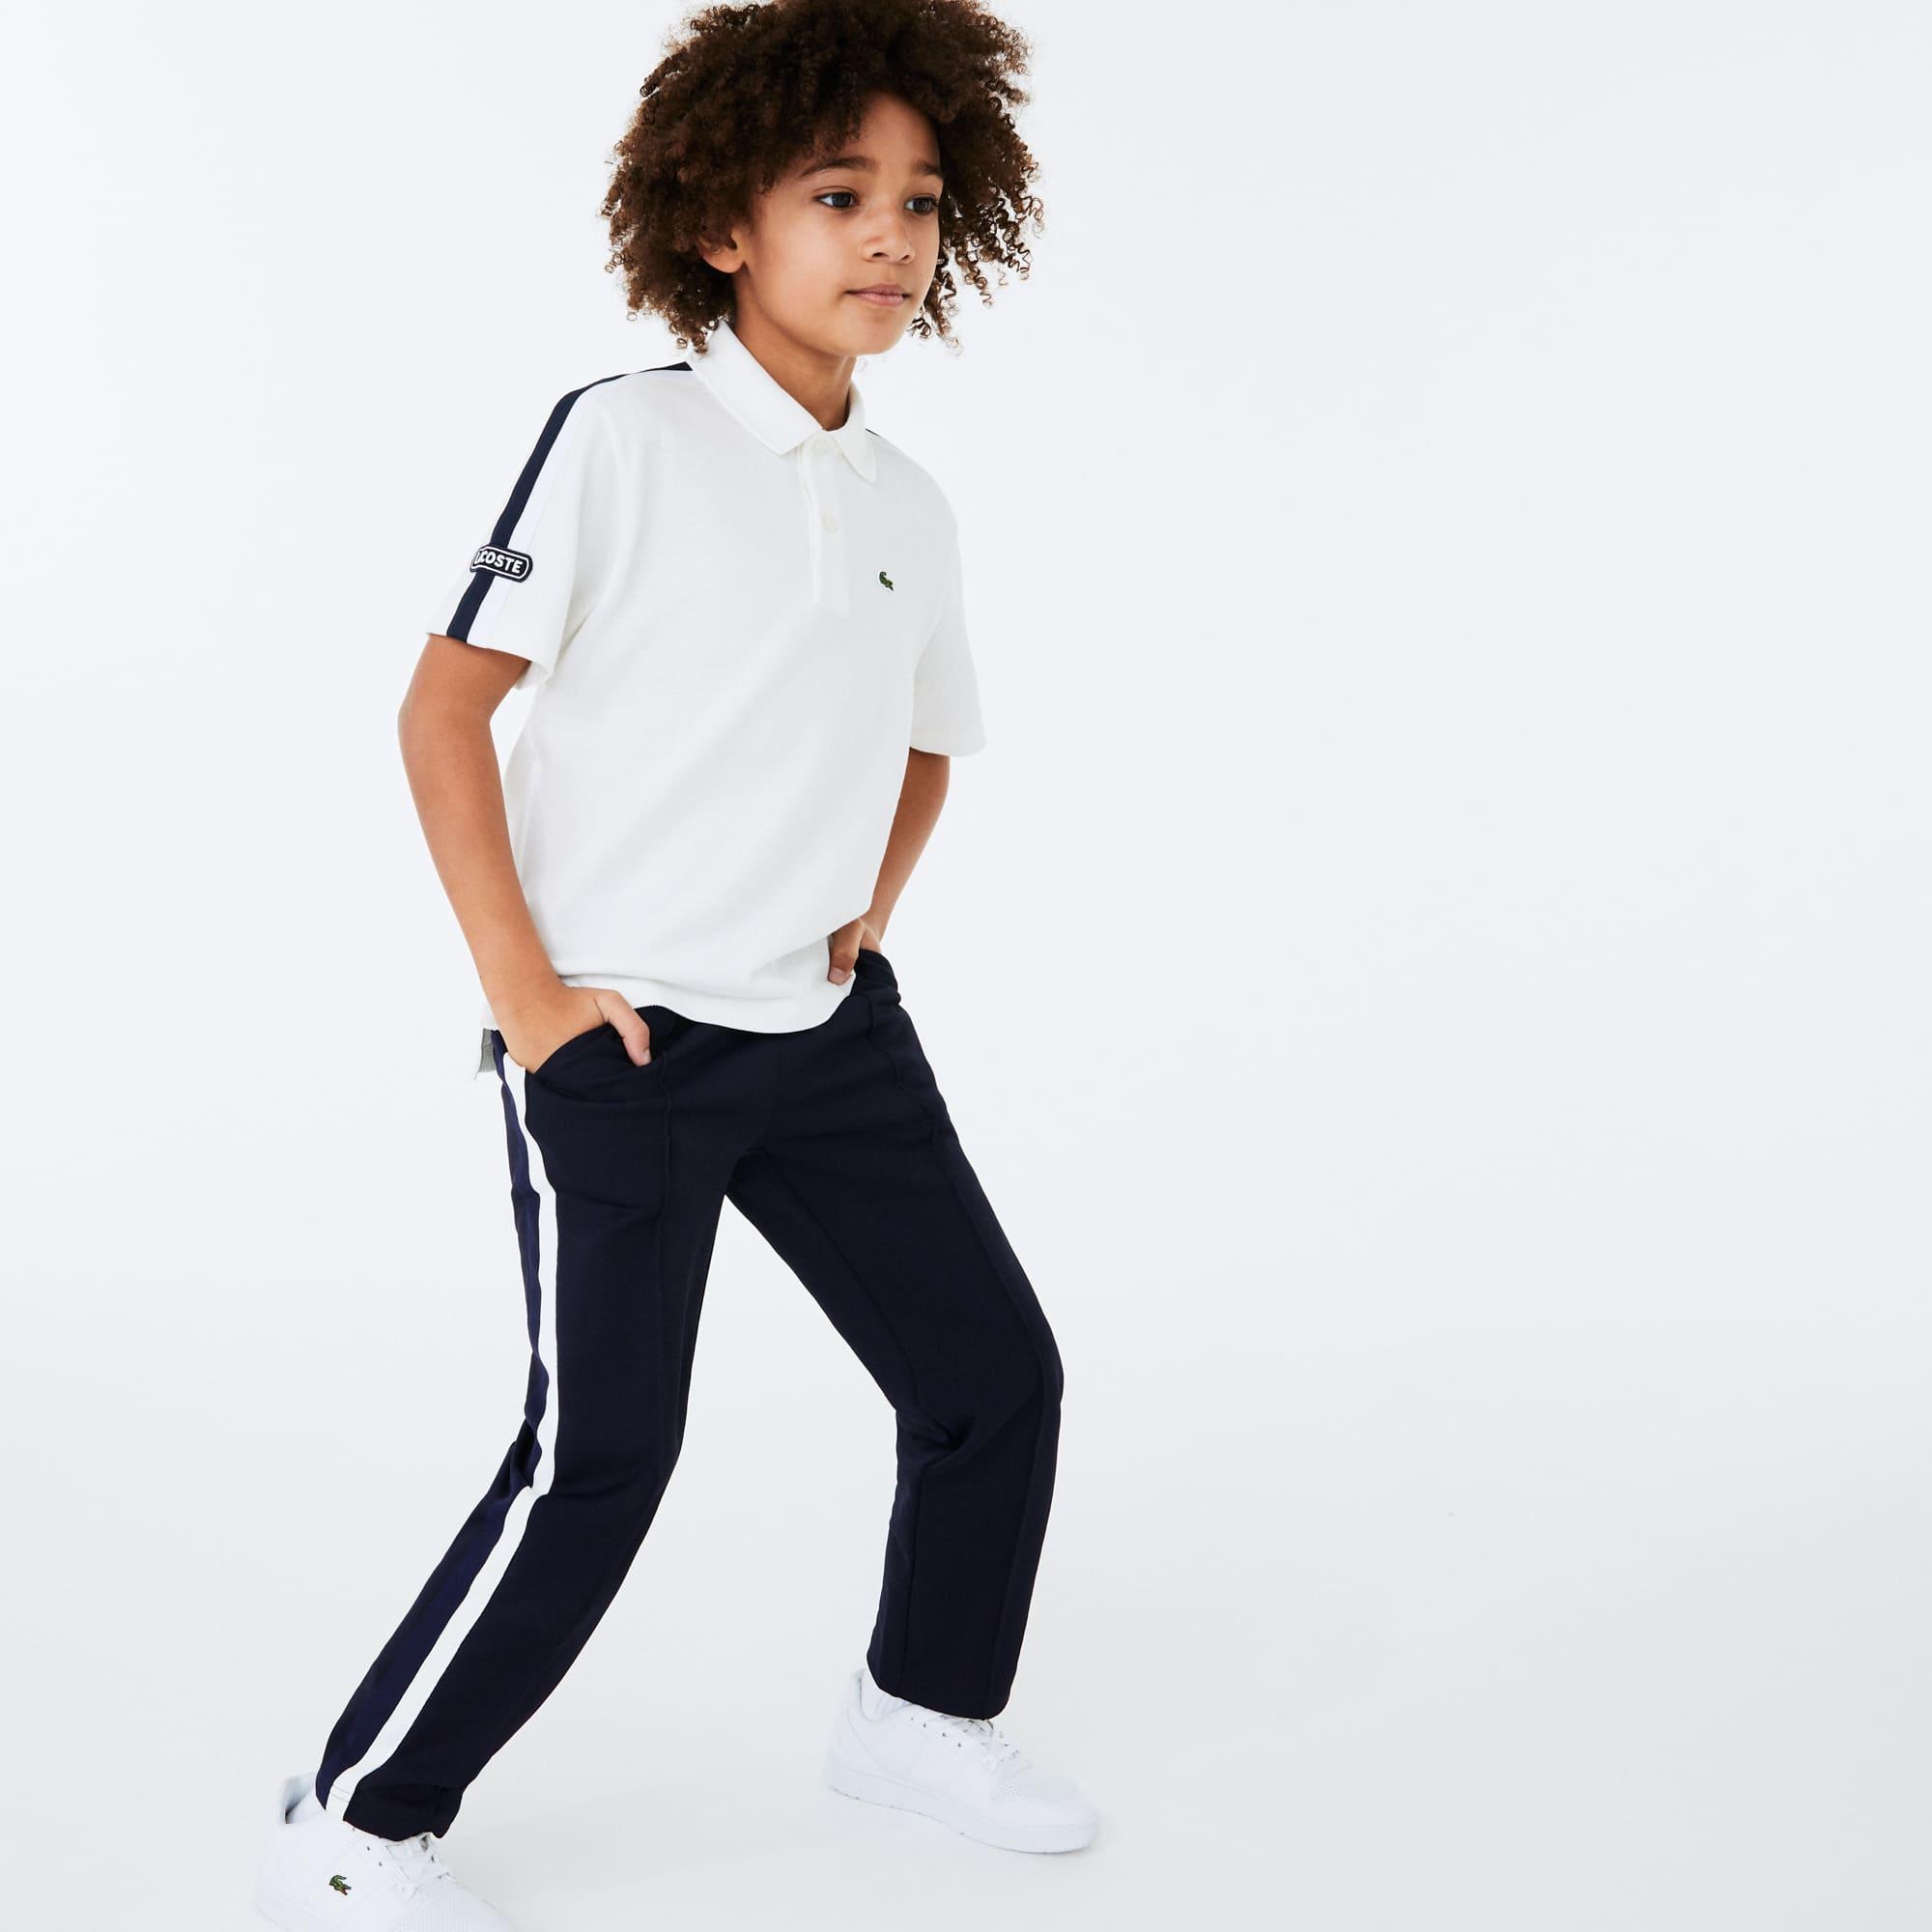 Boys 라코스테 Lacoste Badge Cotton Pique Polo Shirt,White / Navy Blue • KXQ